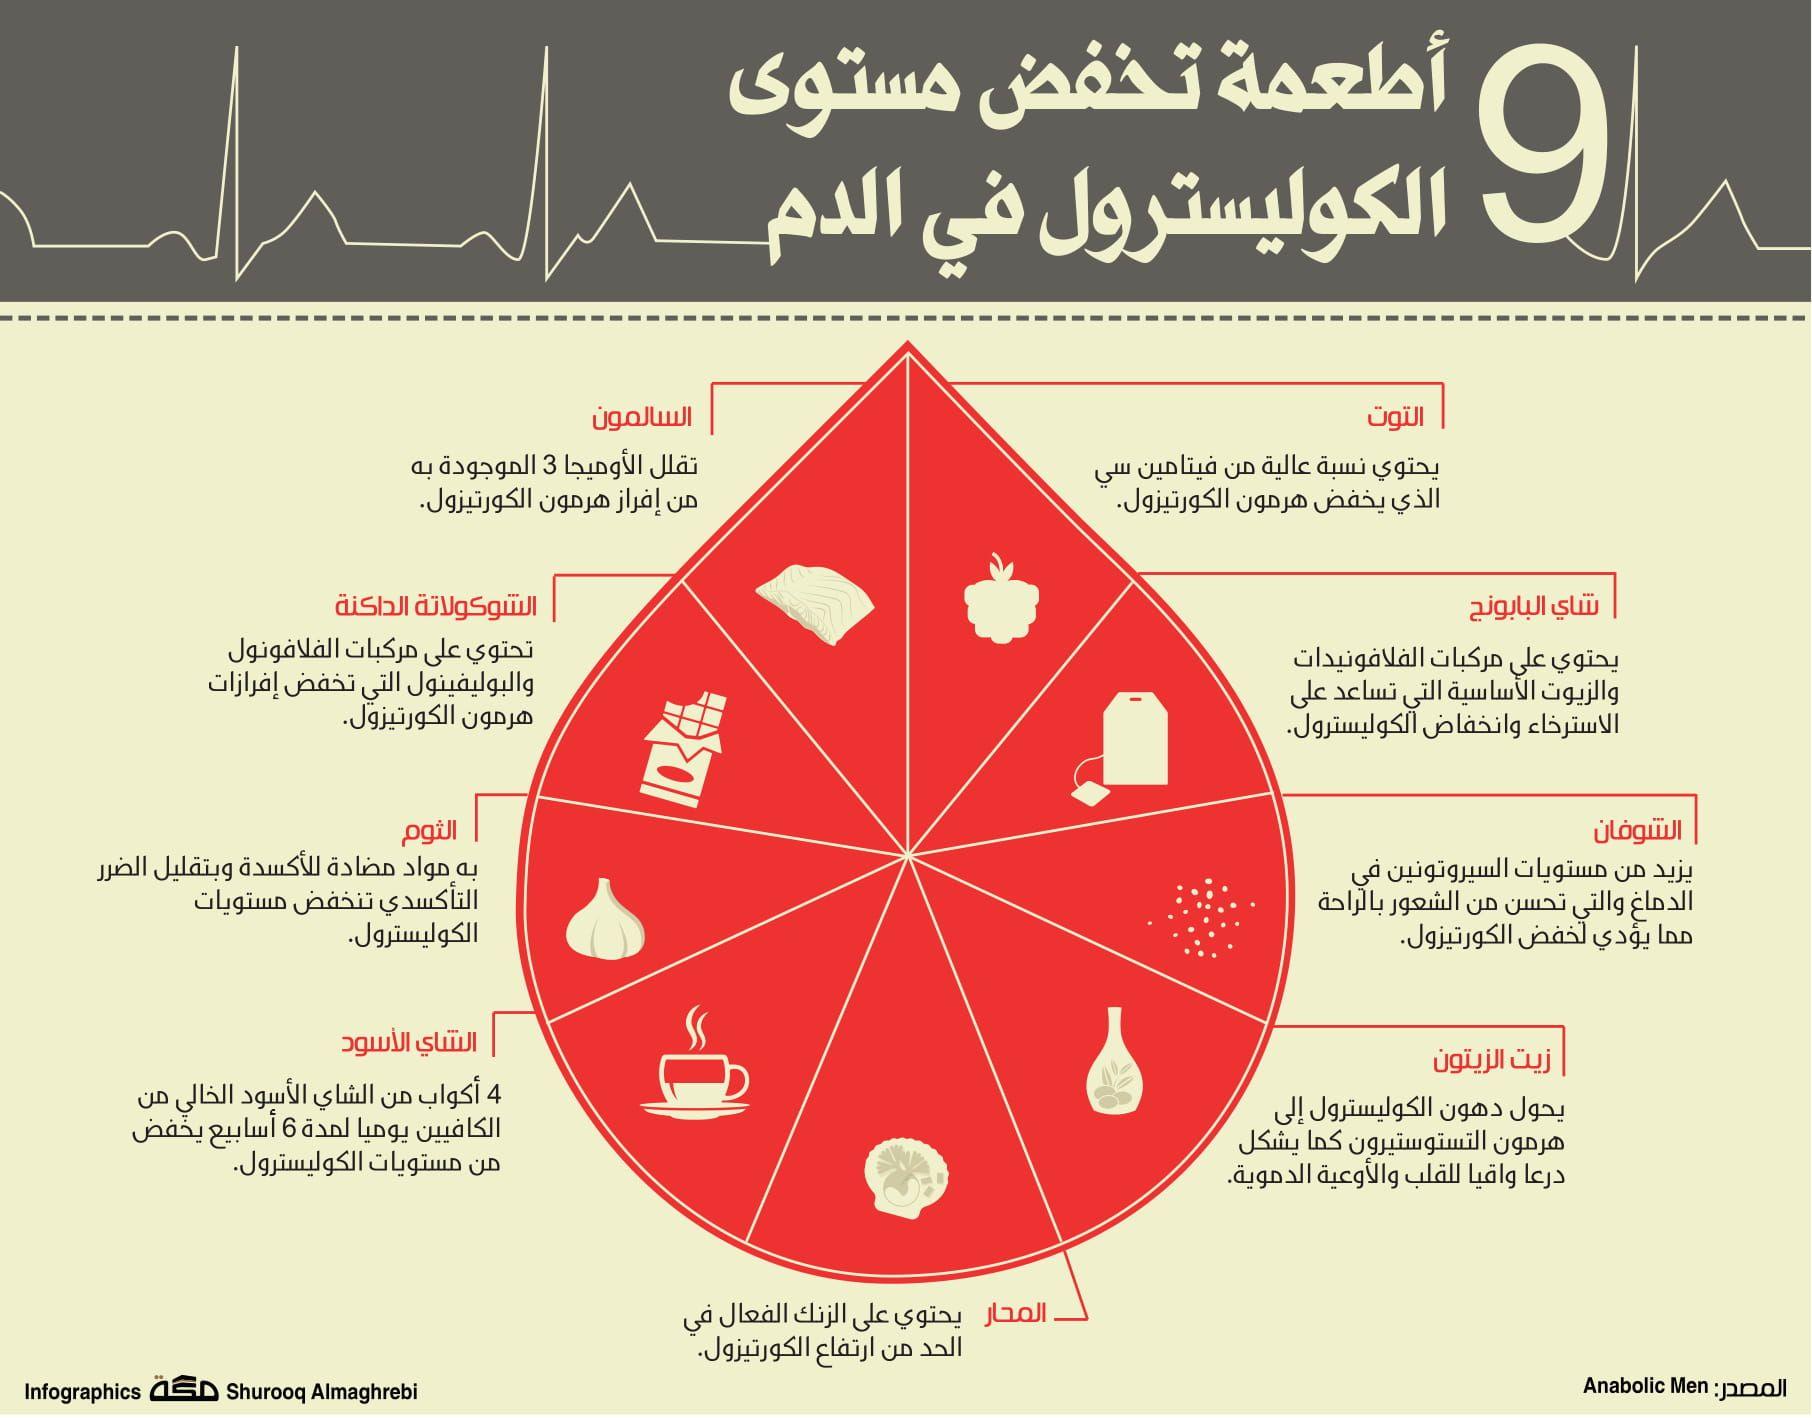 اطعمه تخفض مستوى الكوليسترول في الدم9 صحيفة مكة انفوجرافيك صحة Pie Chart Map Chart